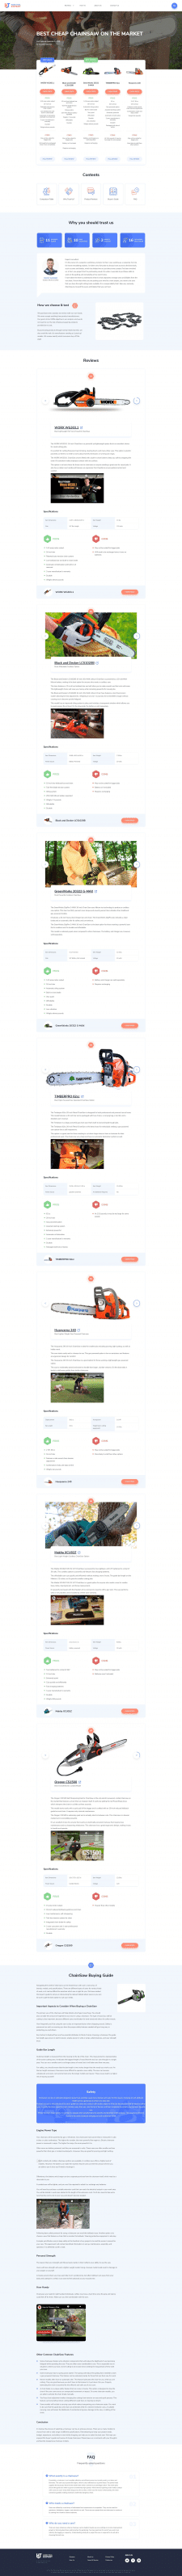 Перенос статей со старого сайта |  Wordpress